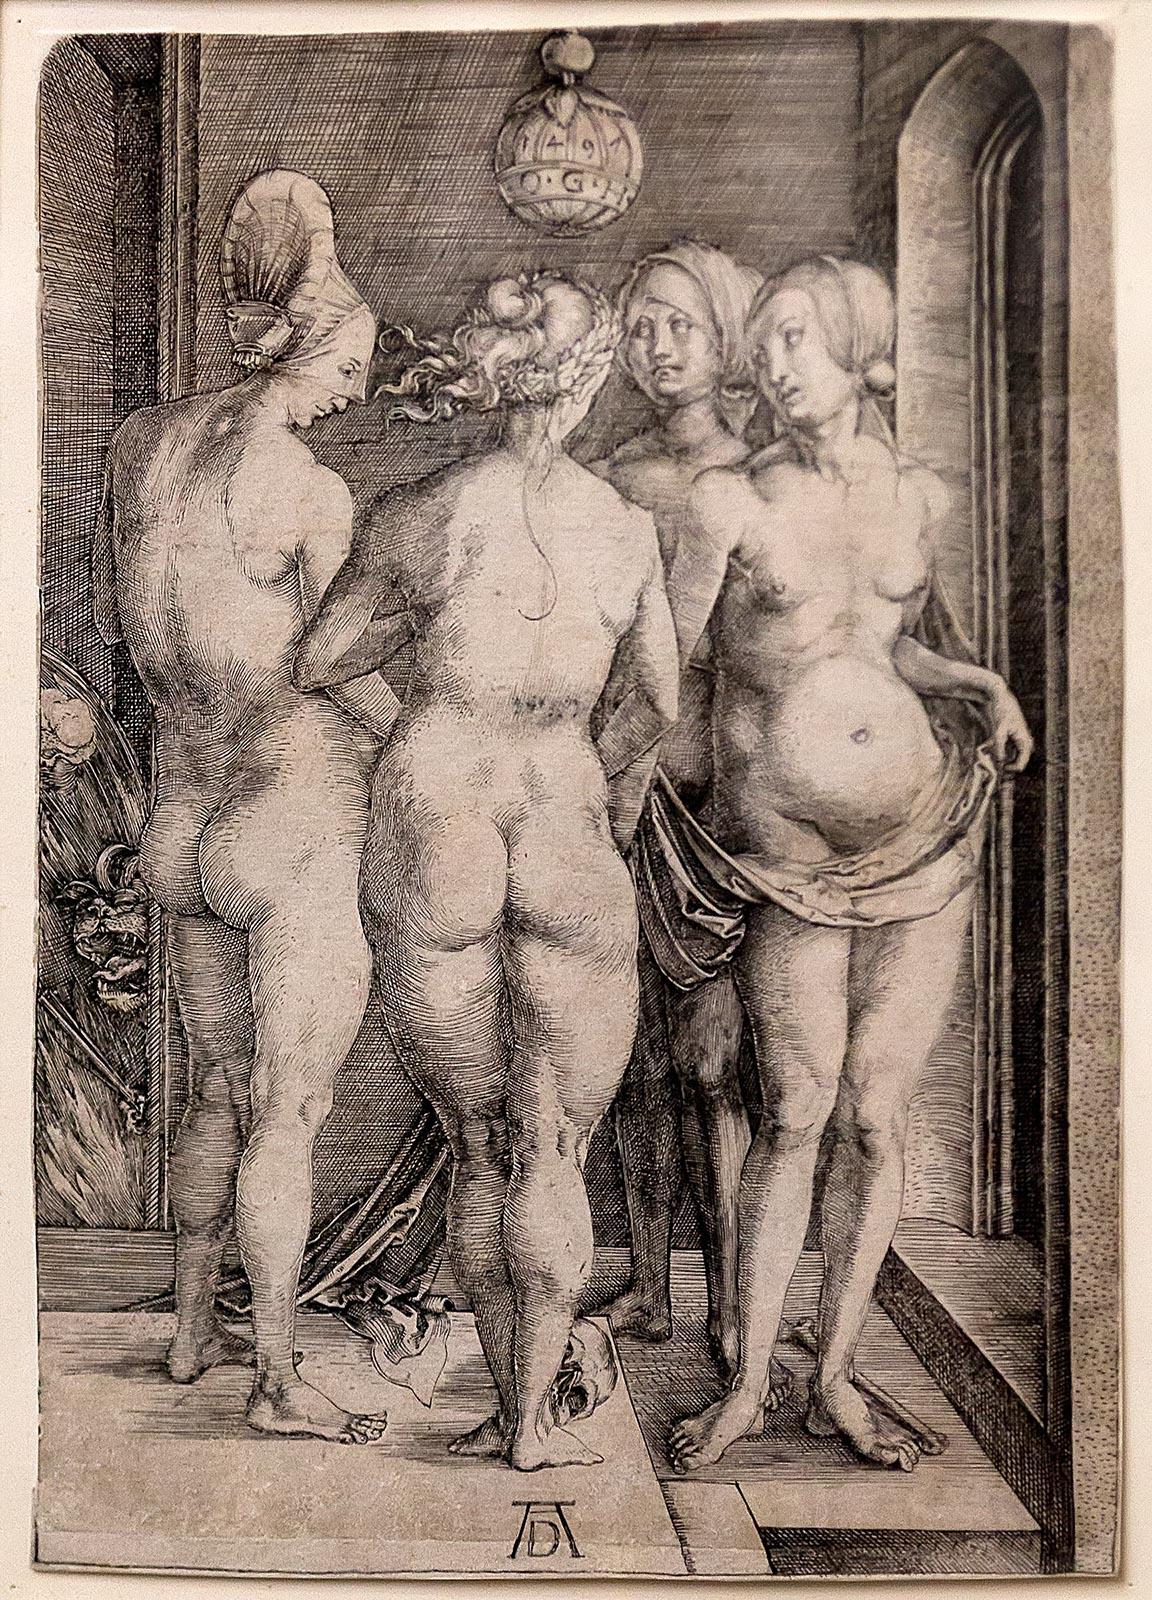 Фото №211636. ДЮРЕР, АЛЬБРЕХТ. 1471-1528. ЧЕТЫРЕ ВЕДЬМЫ. 1497